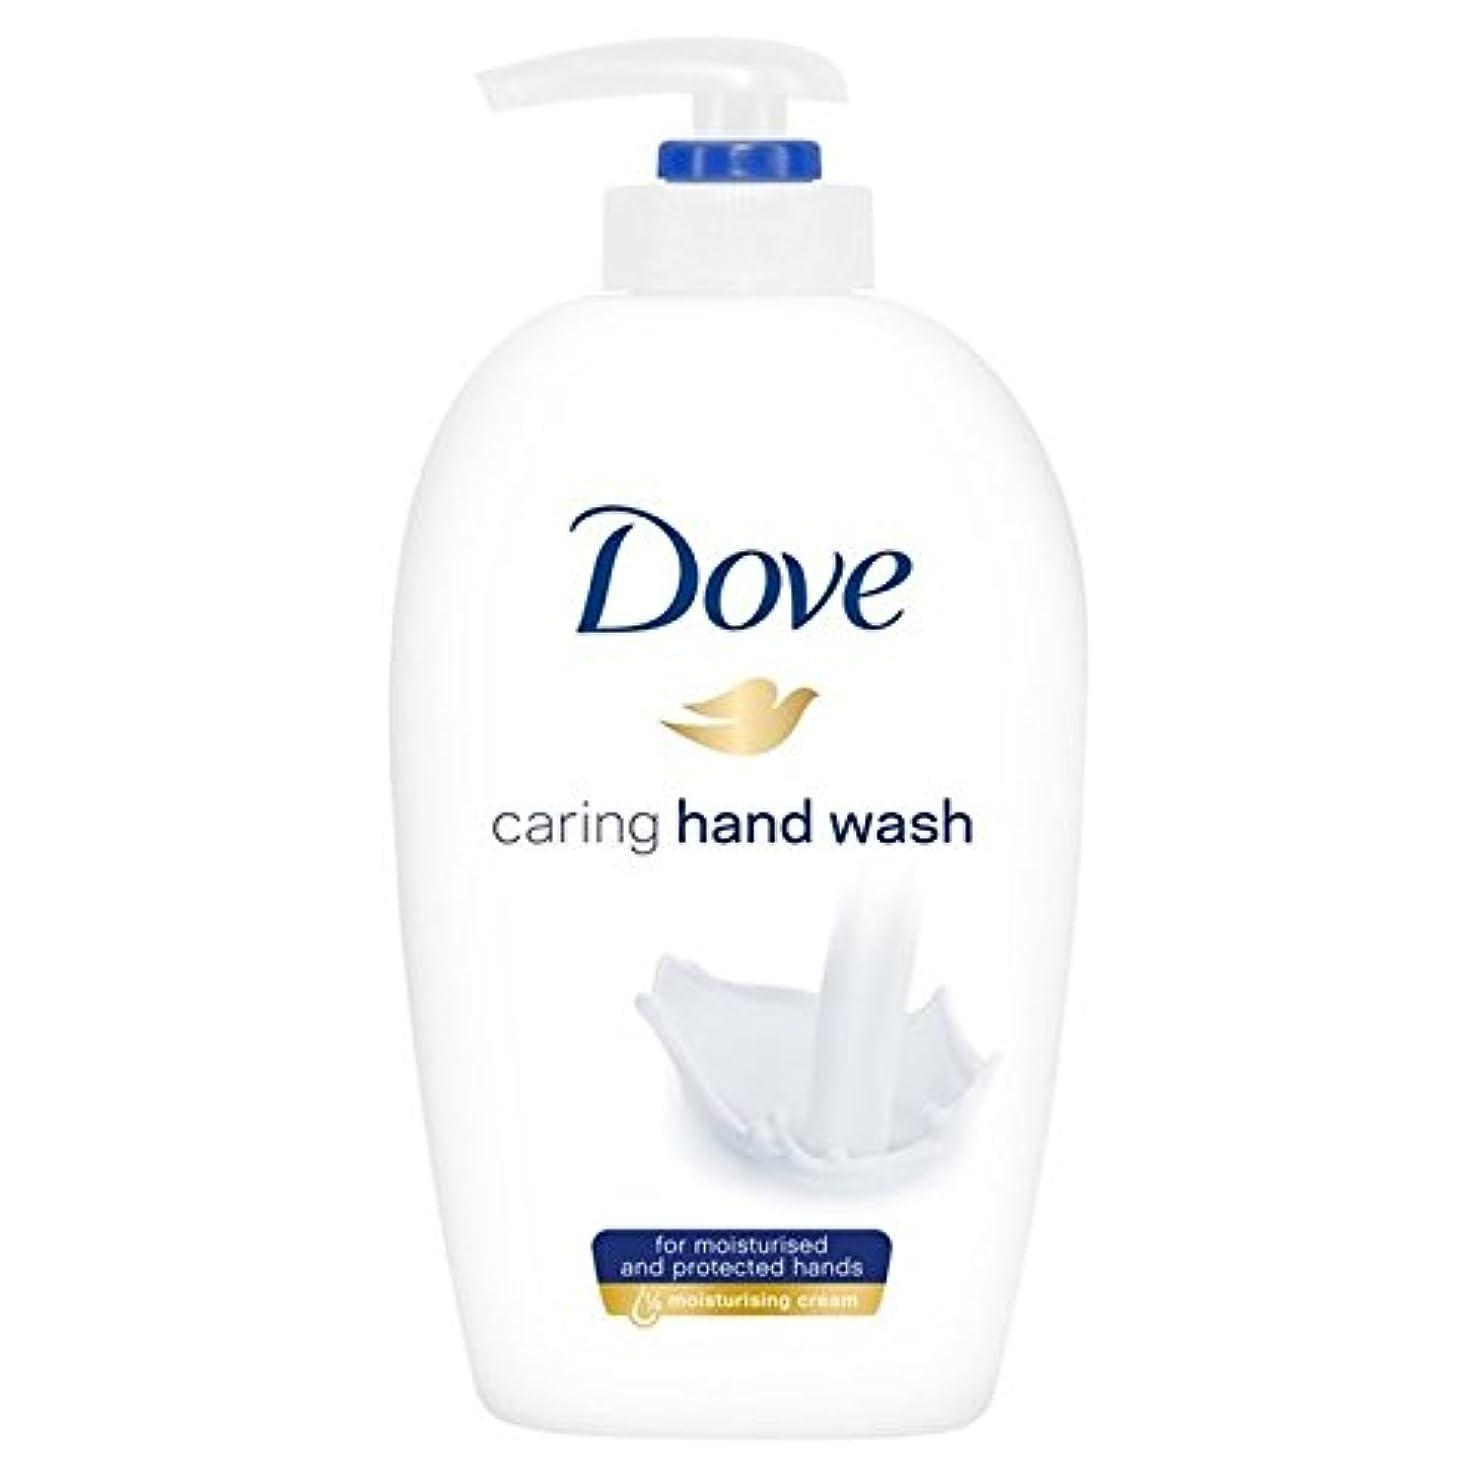 航空離れた評価可能鳩思いやり手洗い250ミリリットル x2 - Dove Caring Hand Wash 250ml (Pack of 2) [並行輸入品]